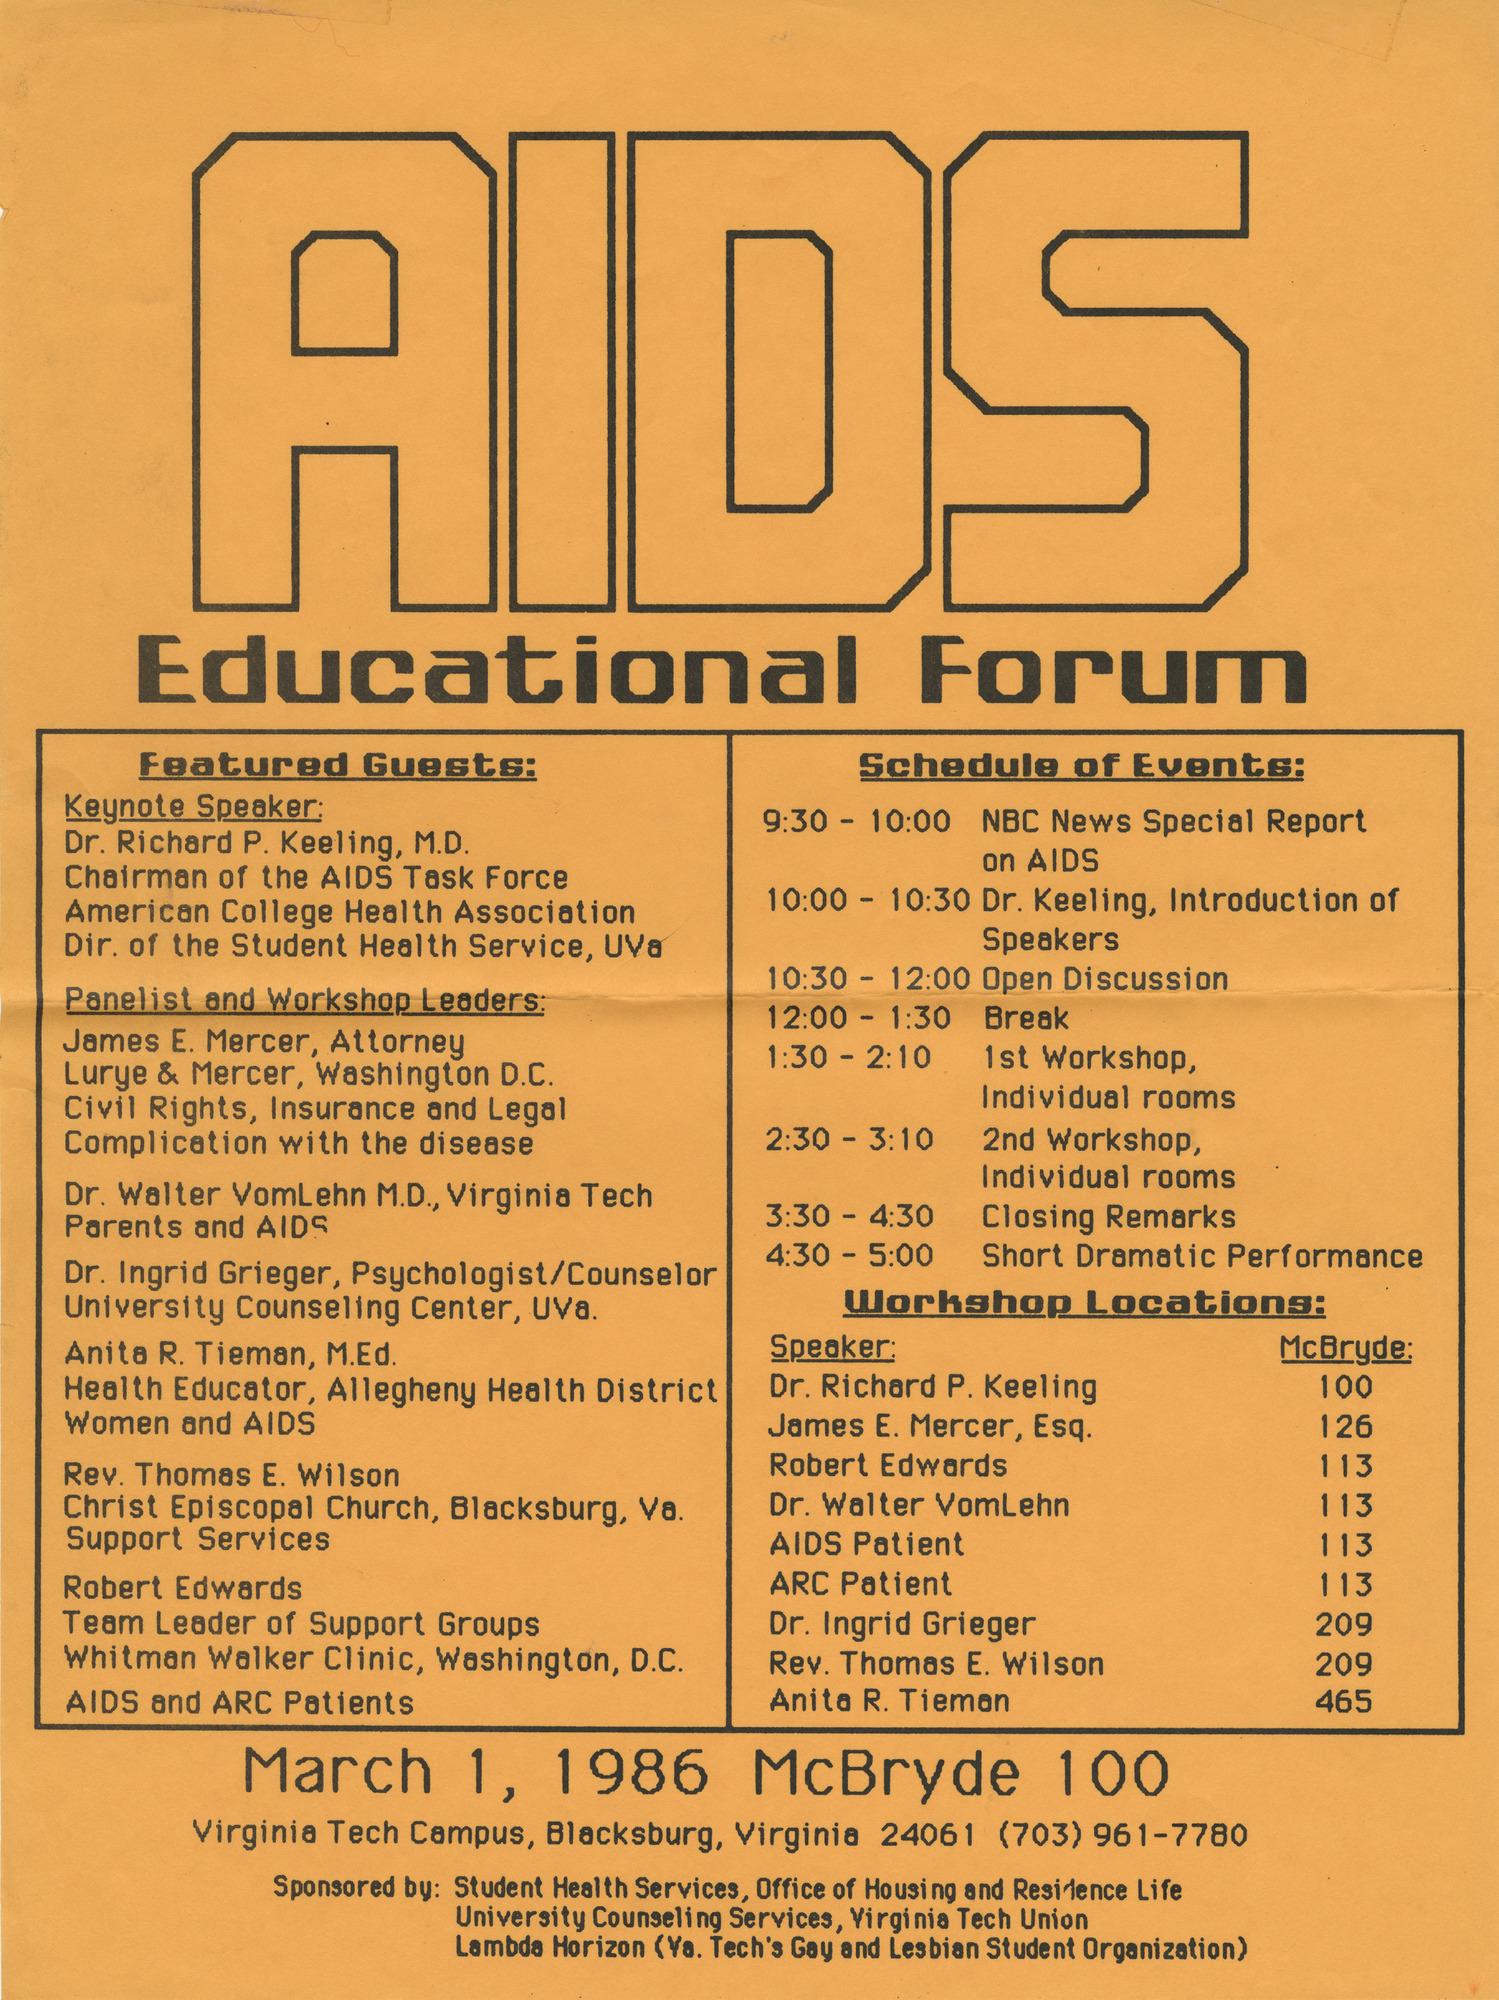 Ms2014-010_WeberMark_PosterAIDSEducation_1986_0301.jpg